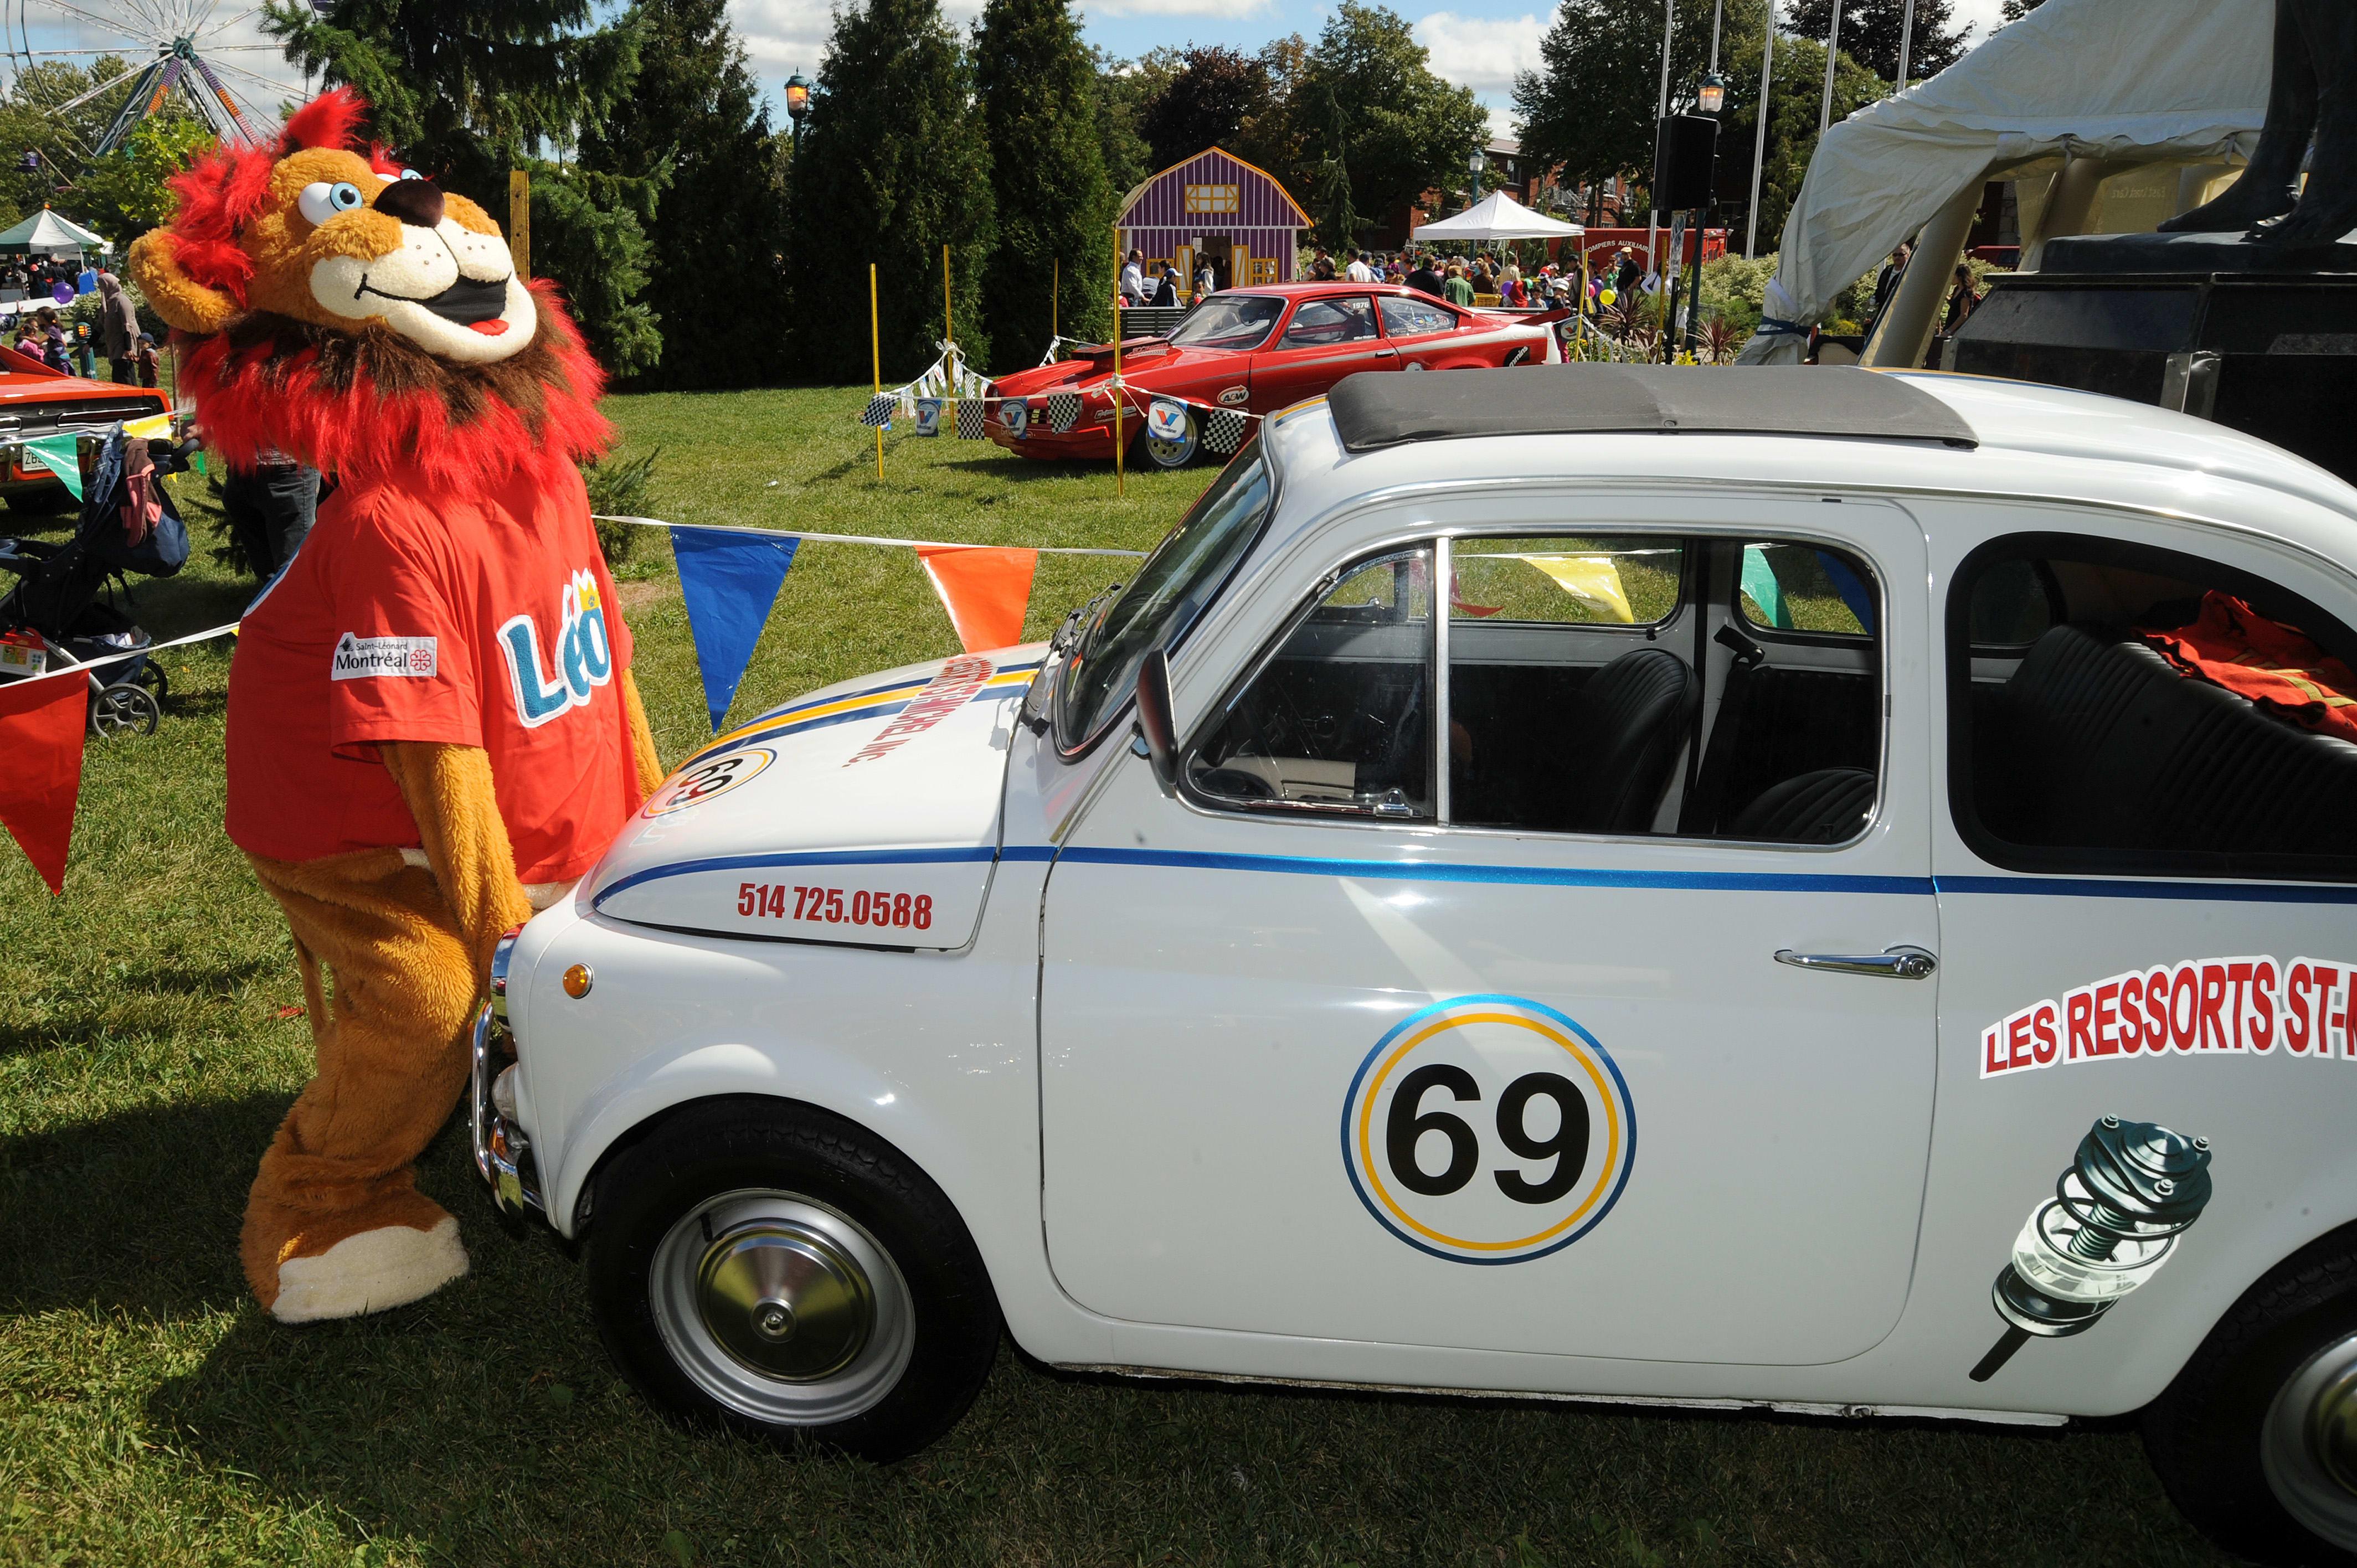 La mascotte Léo lève un véhicule